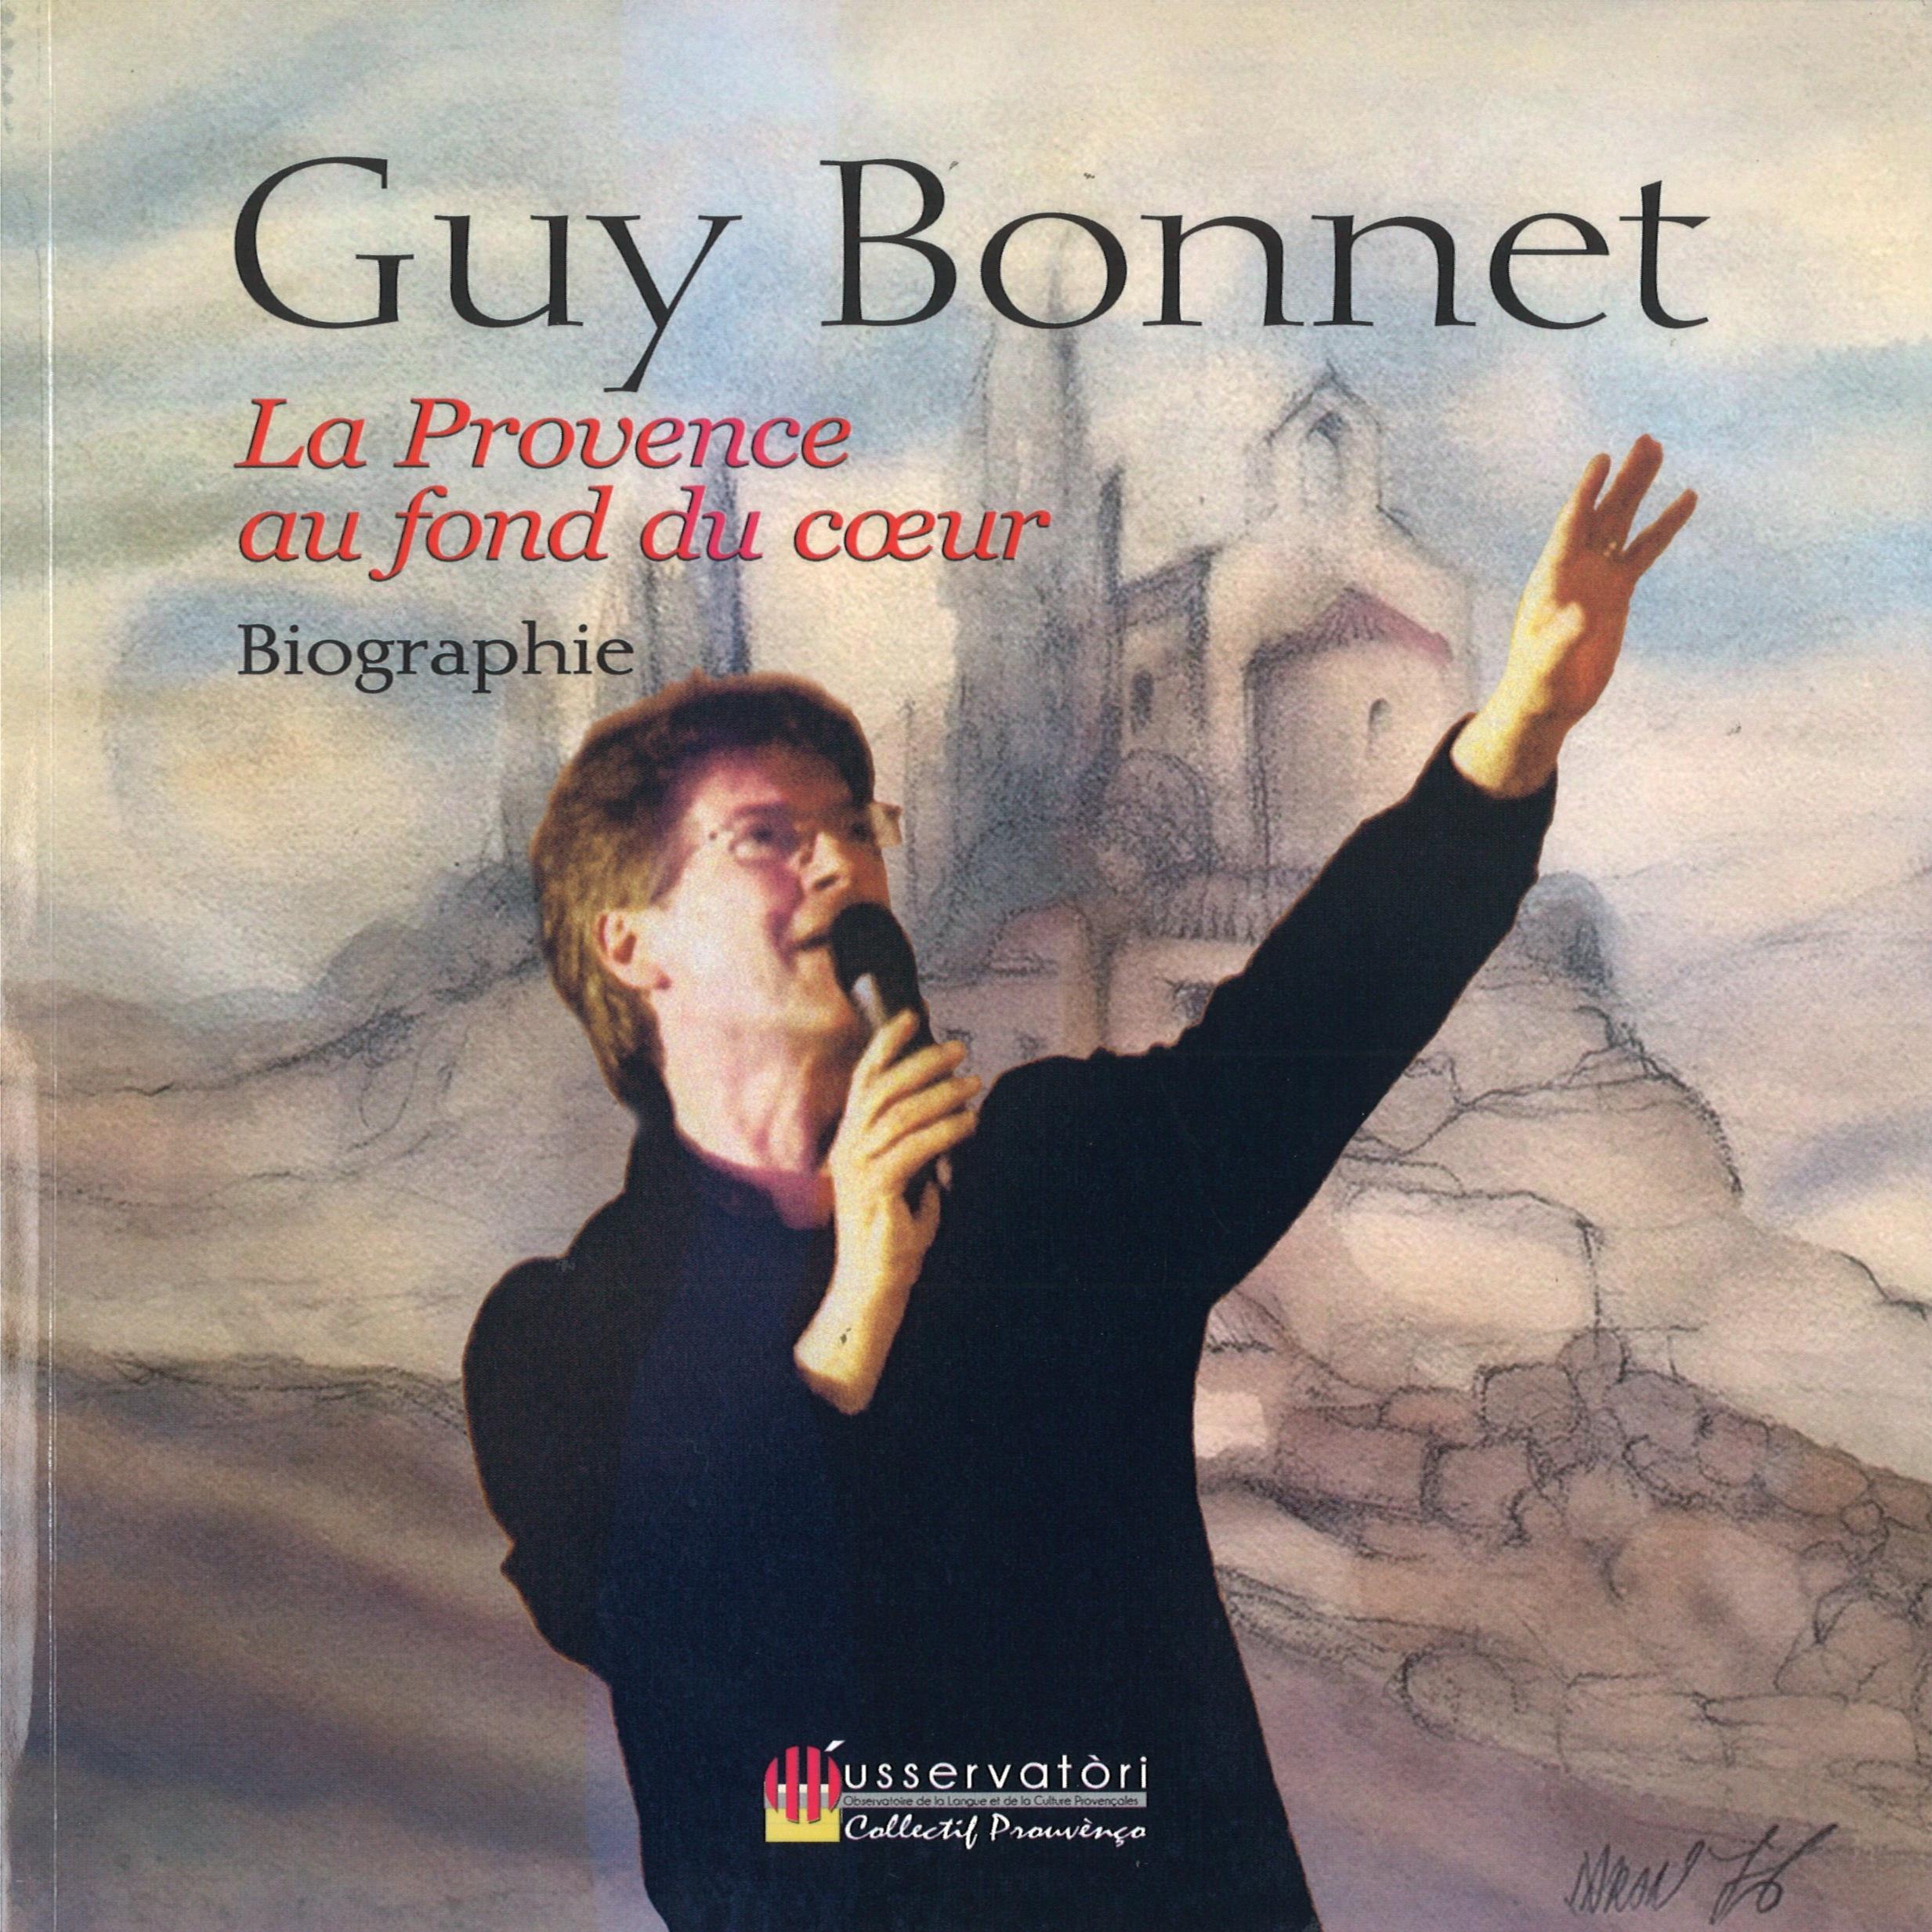 Rencontre avec Guy Bonnet